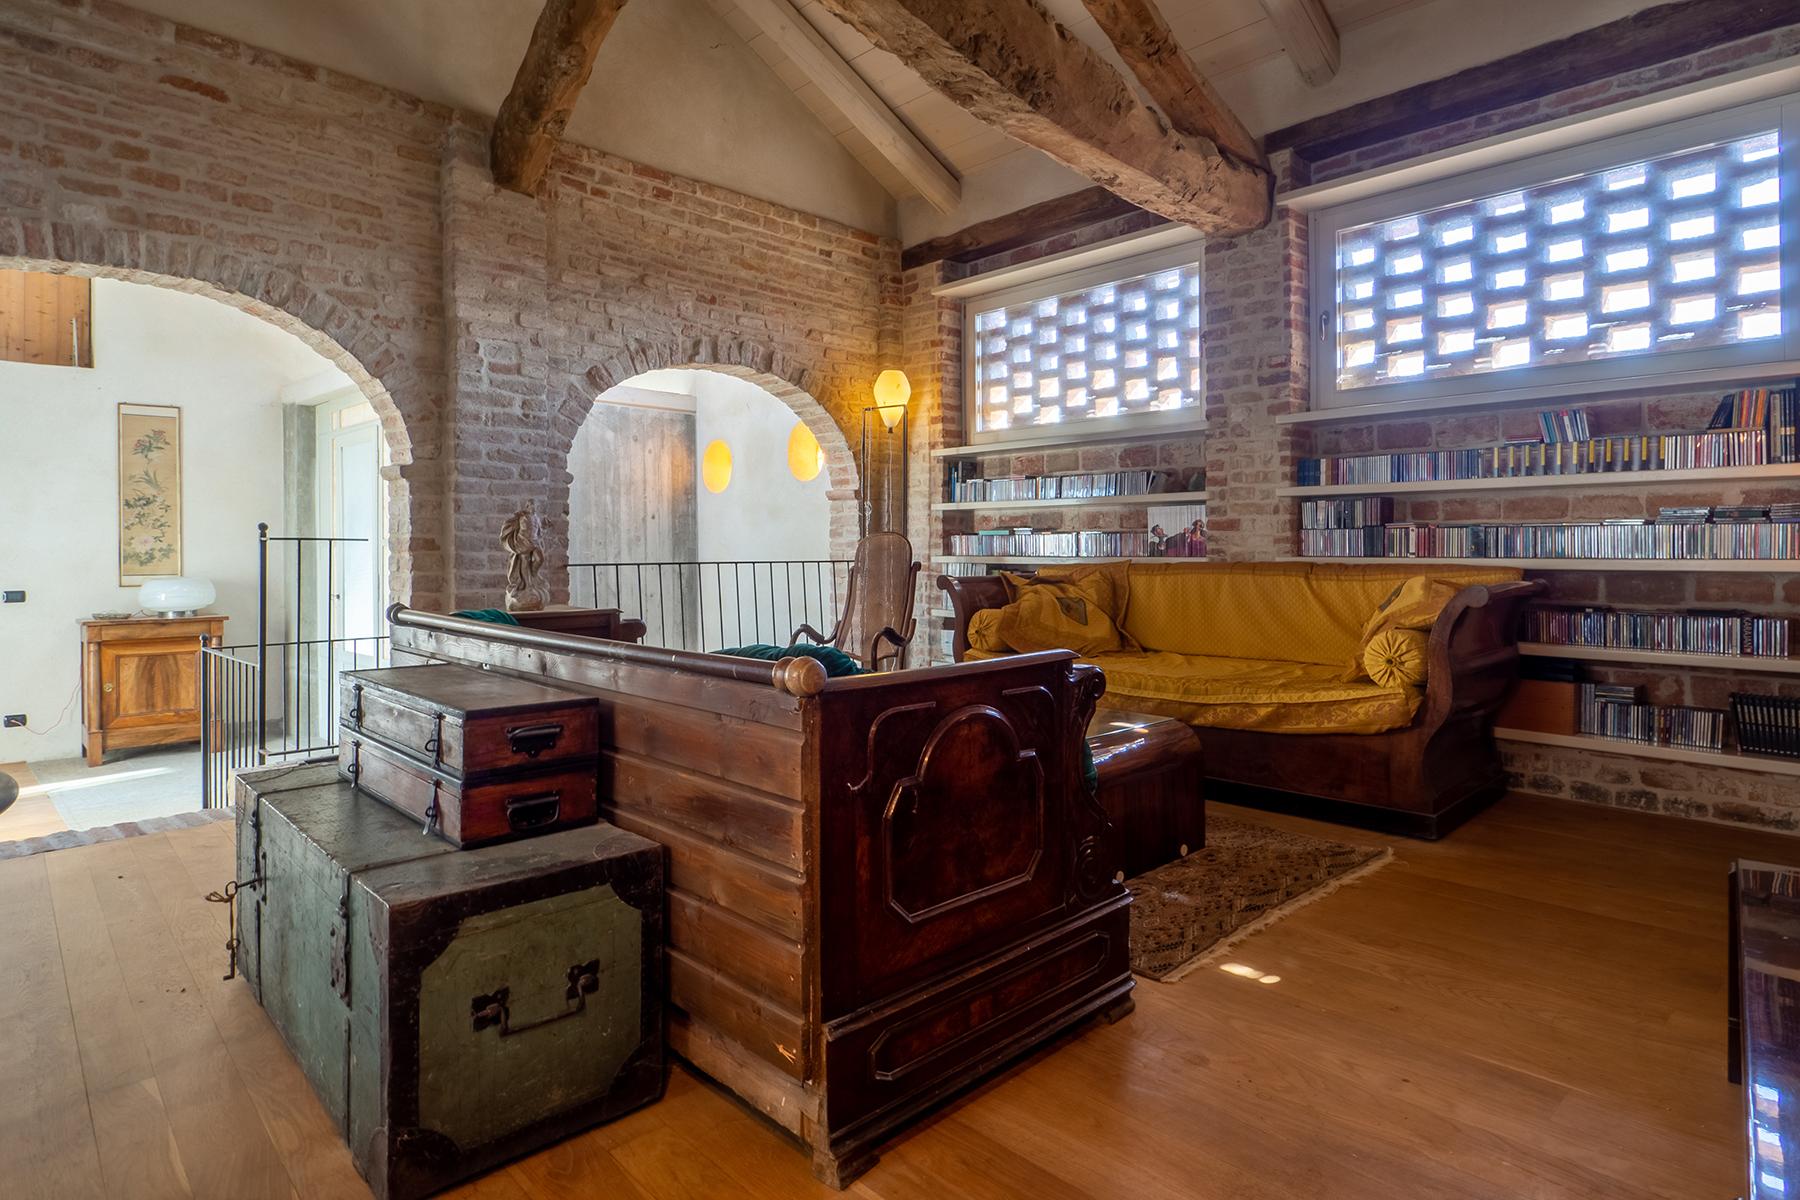 Casa indipendente in Vendita a Moncestino: 5 locali, 300 mq - Foto 4